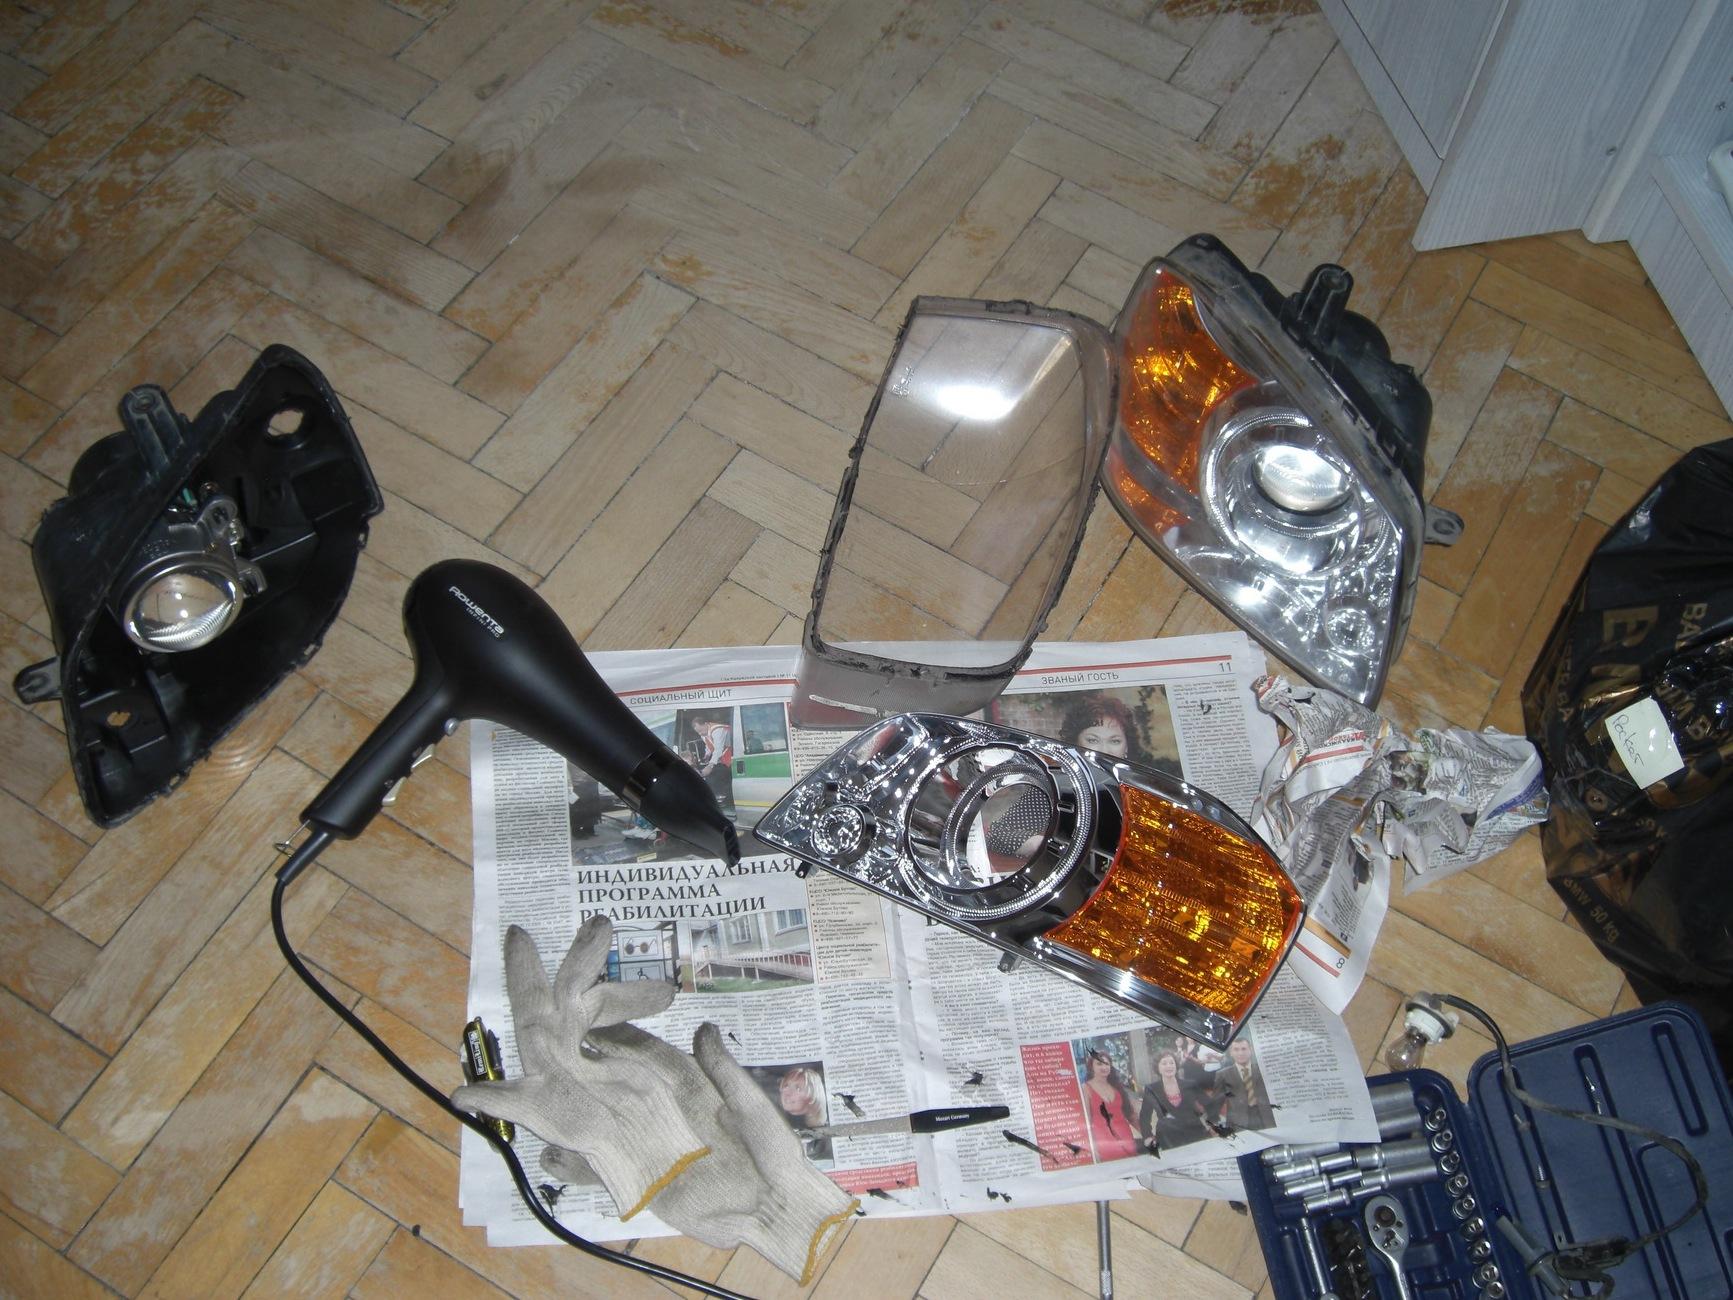 киа маджентис 2006 как снять фару